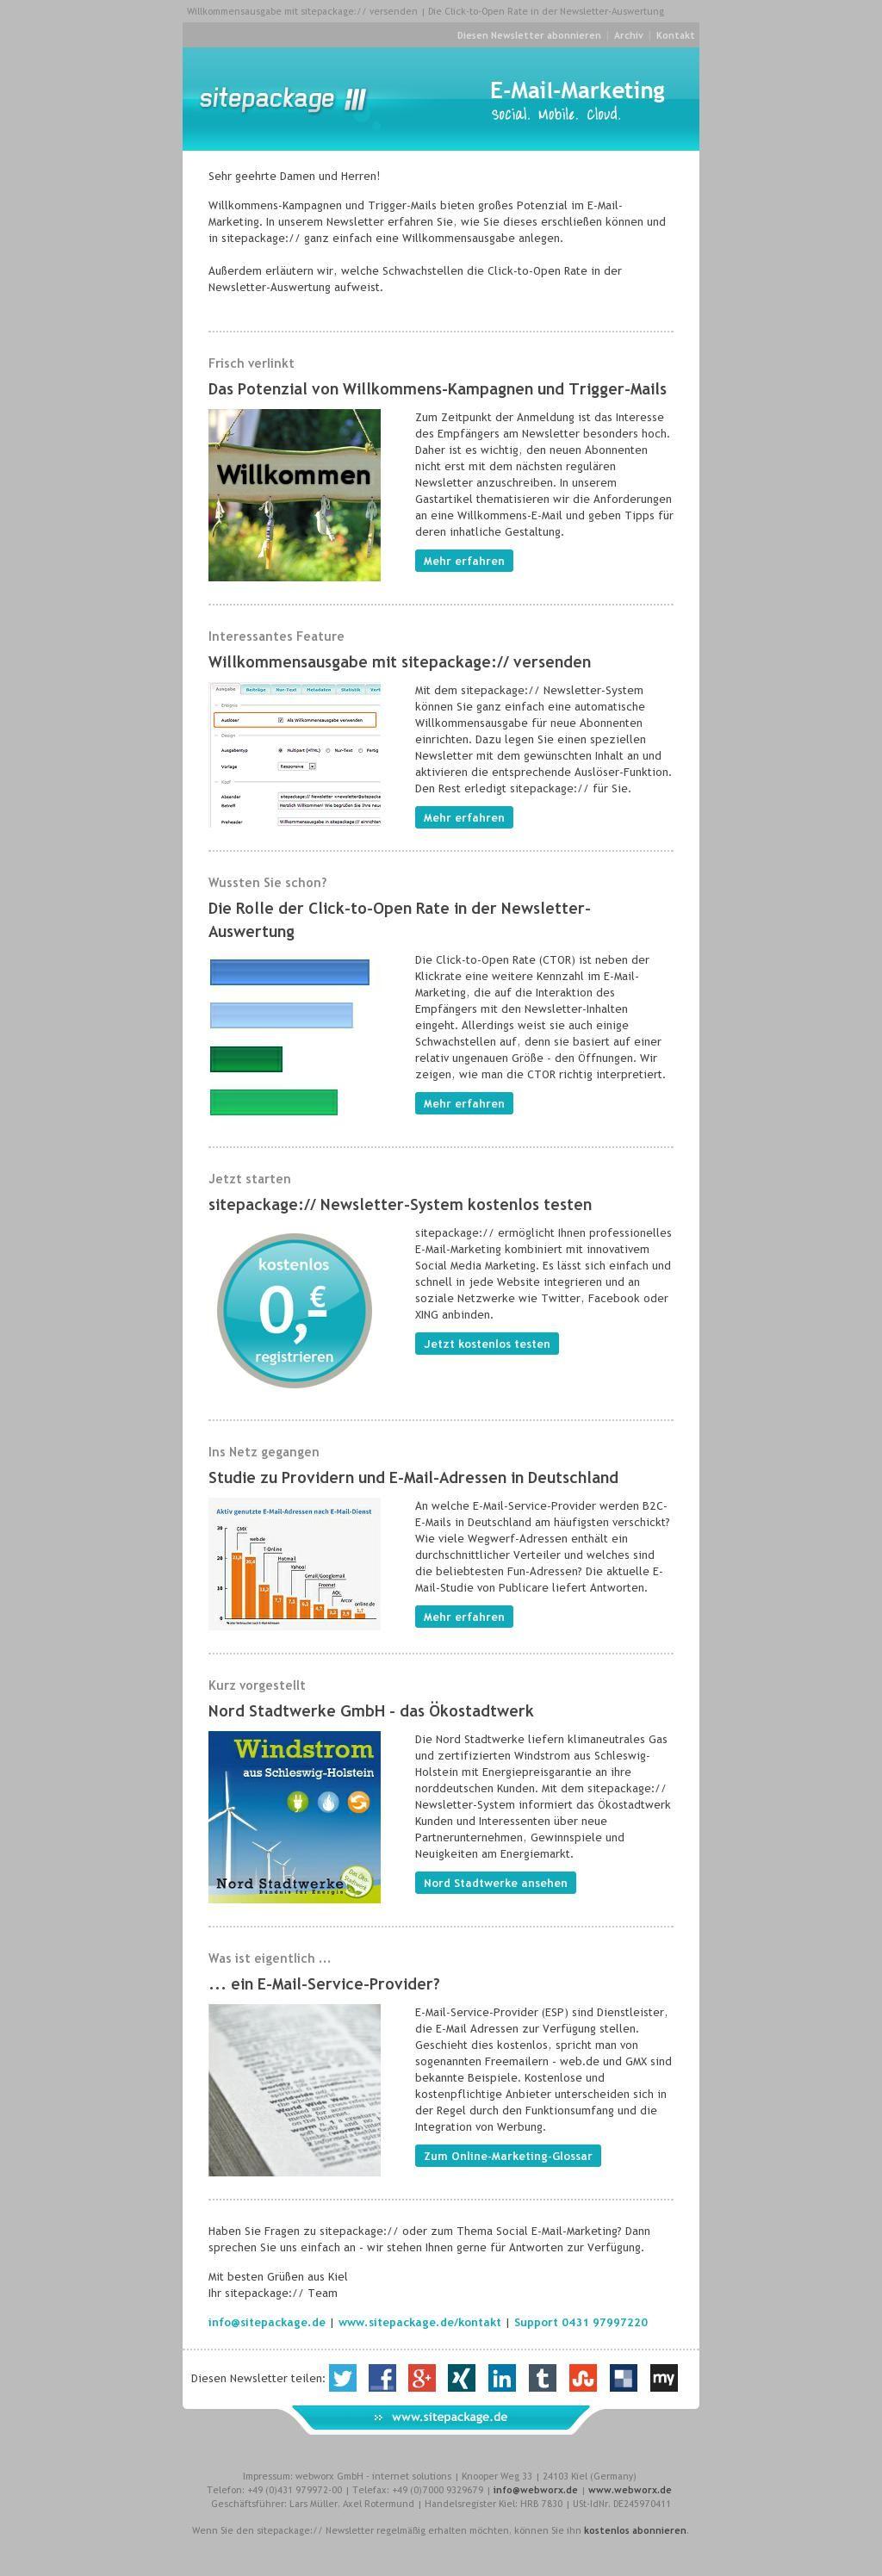 Herzlich Willkommen! Wie begrüßen Sie Ihre neuen Abonnenten? Im Oktober-Newsletter dreht sich alles um Willkommens-Kampagnen im E-Mail-Marketing. Außerdem erläutern wir, welche Schwachstellen die Click-to-Open Rate in der Newsletter-Auswertung aufweist.